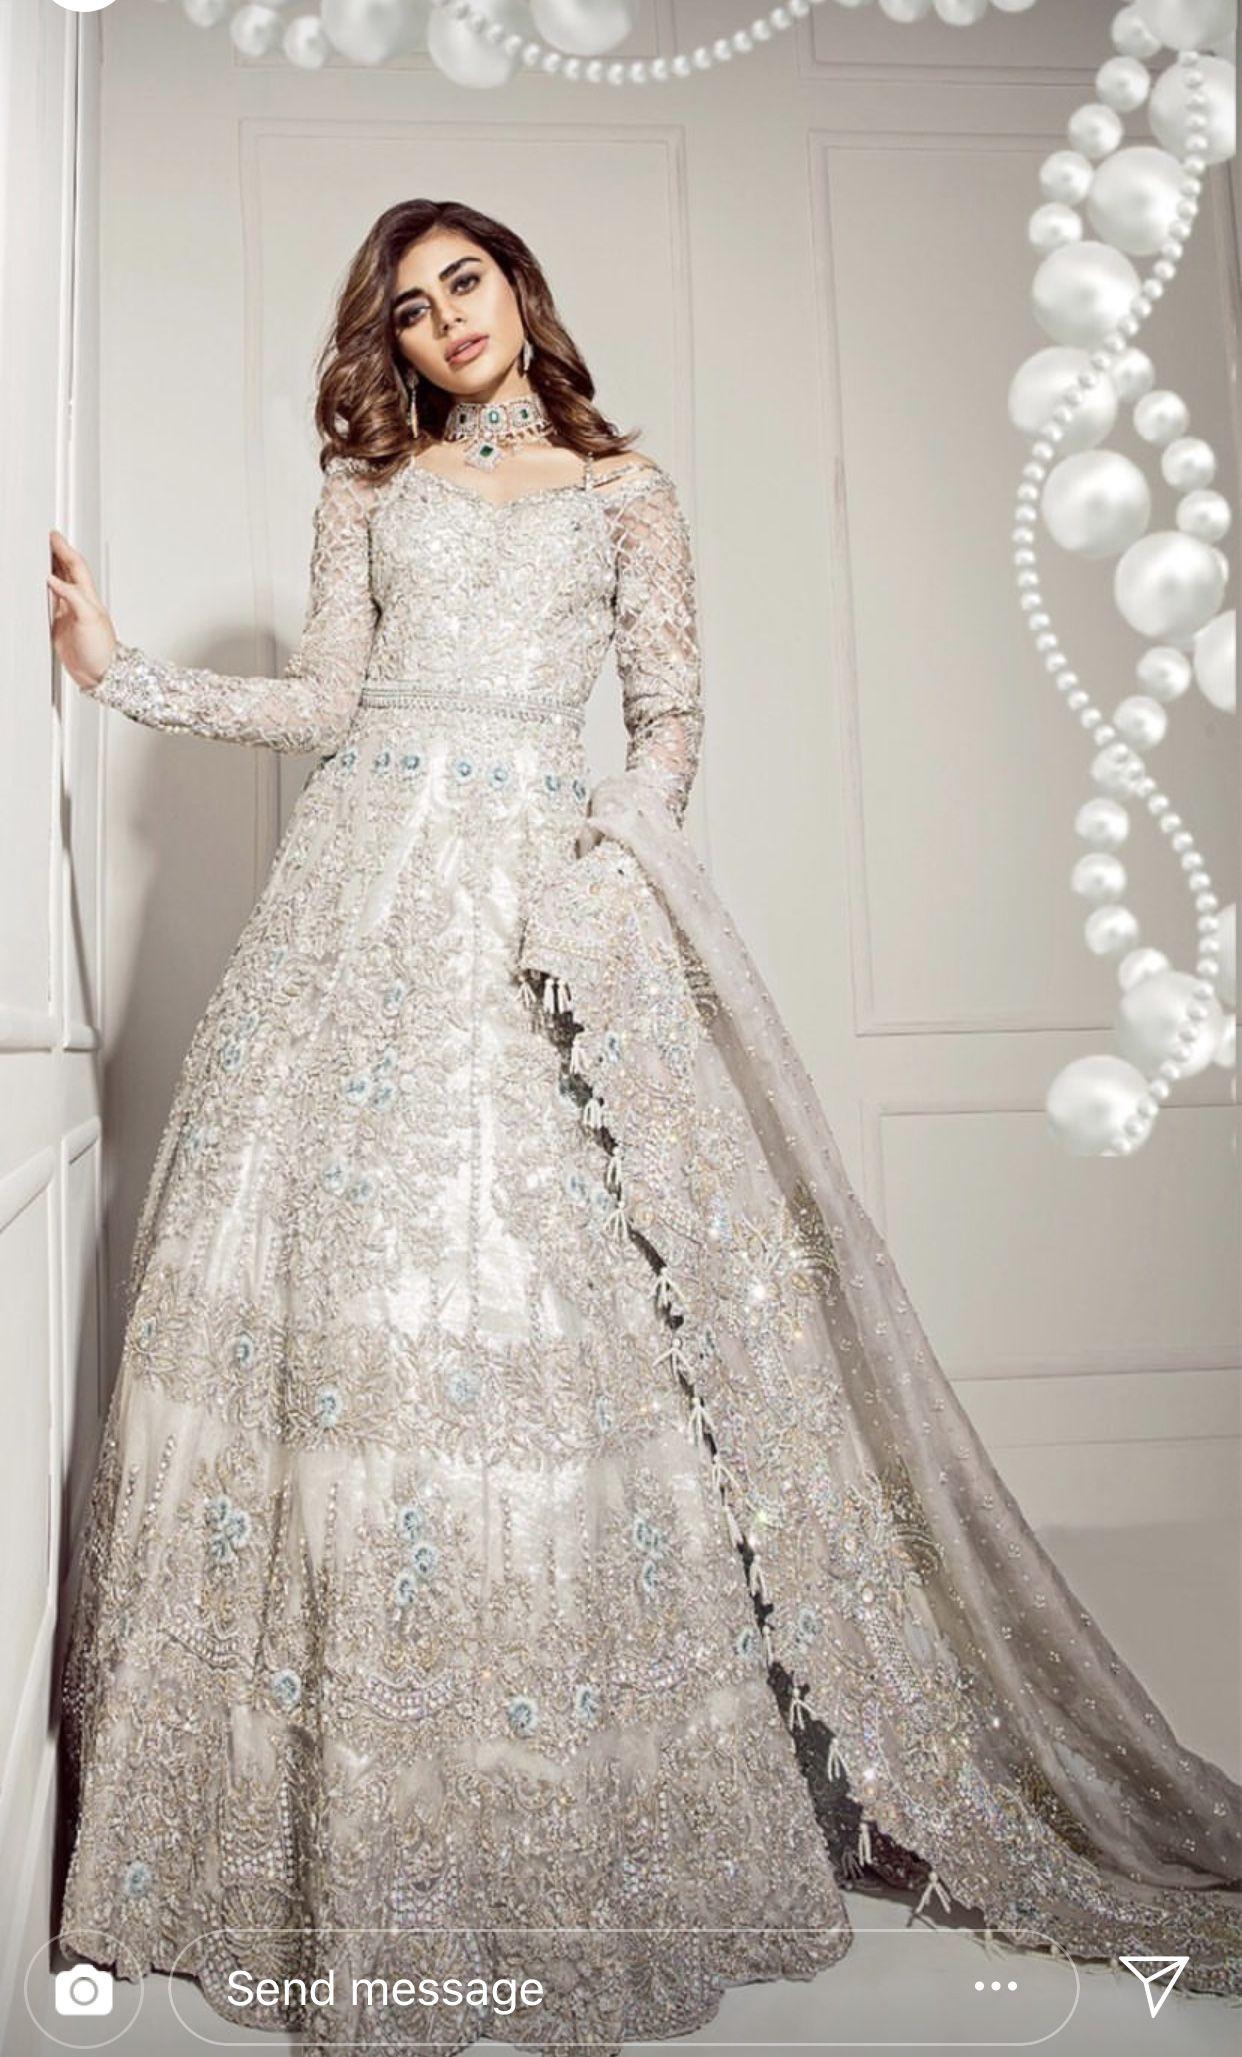 Pakistani Wedding Pakistani Fashion Ivory Wedding Dress